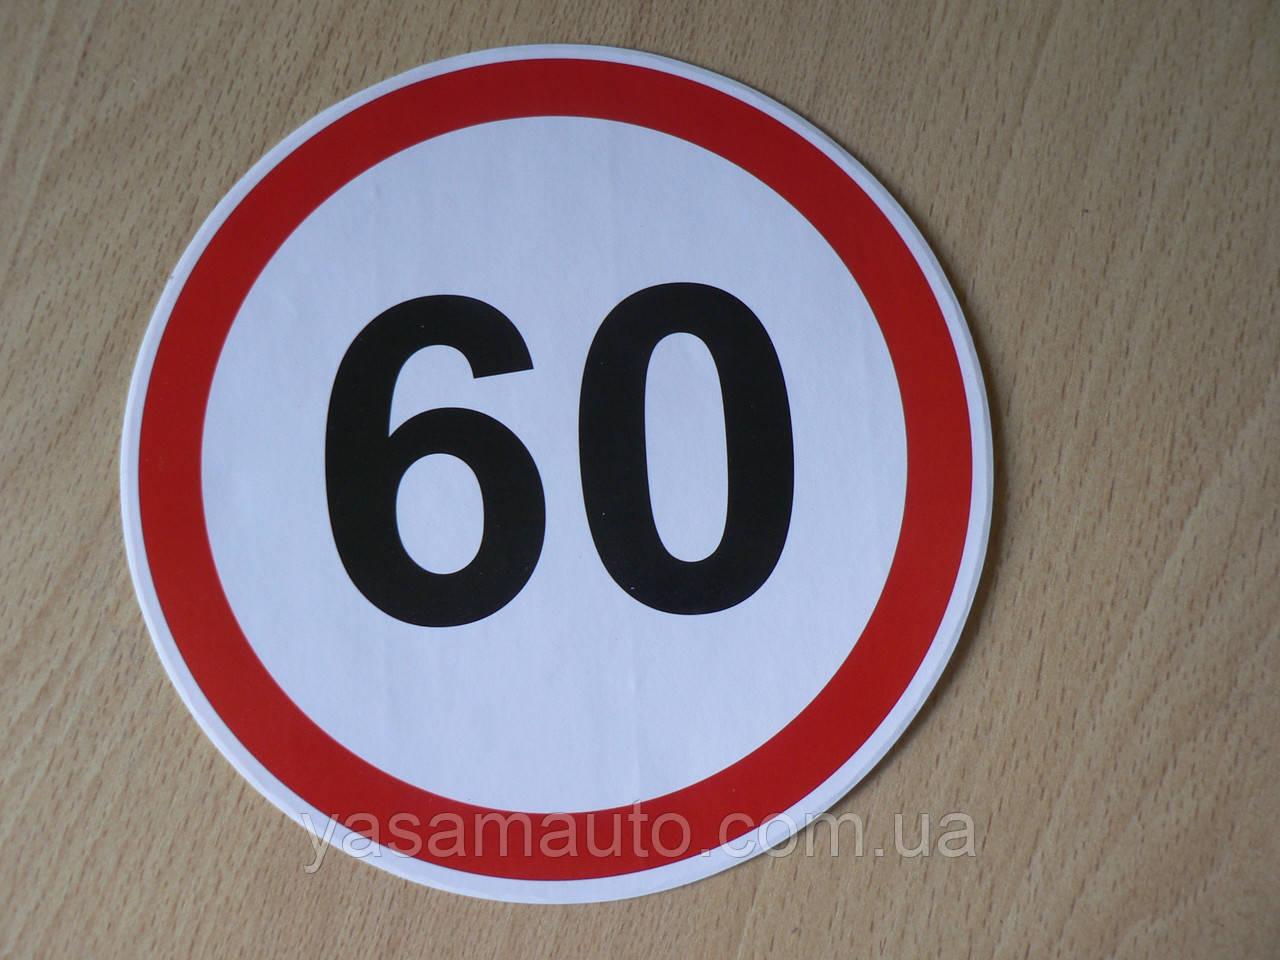 Наклейка п3к знак  60 Ф=137мм круглая ограничение на грузовое авто долговечная